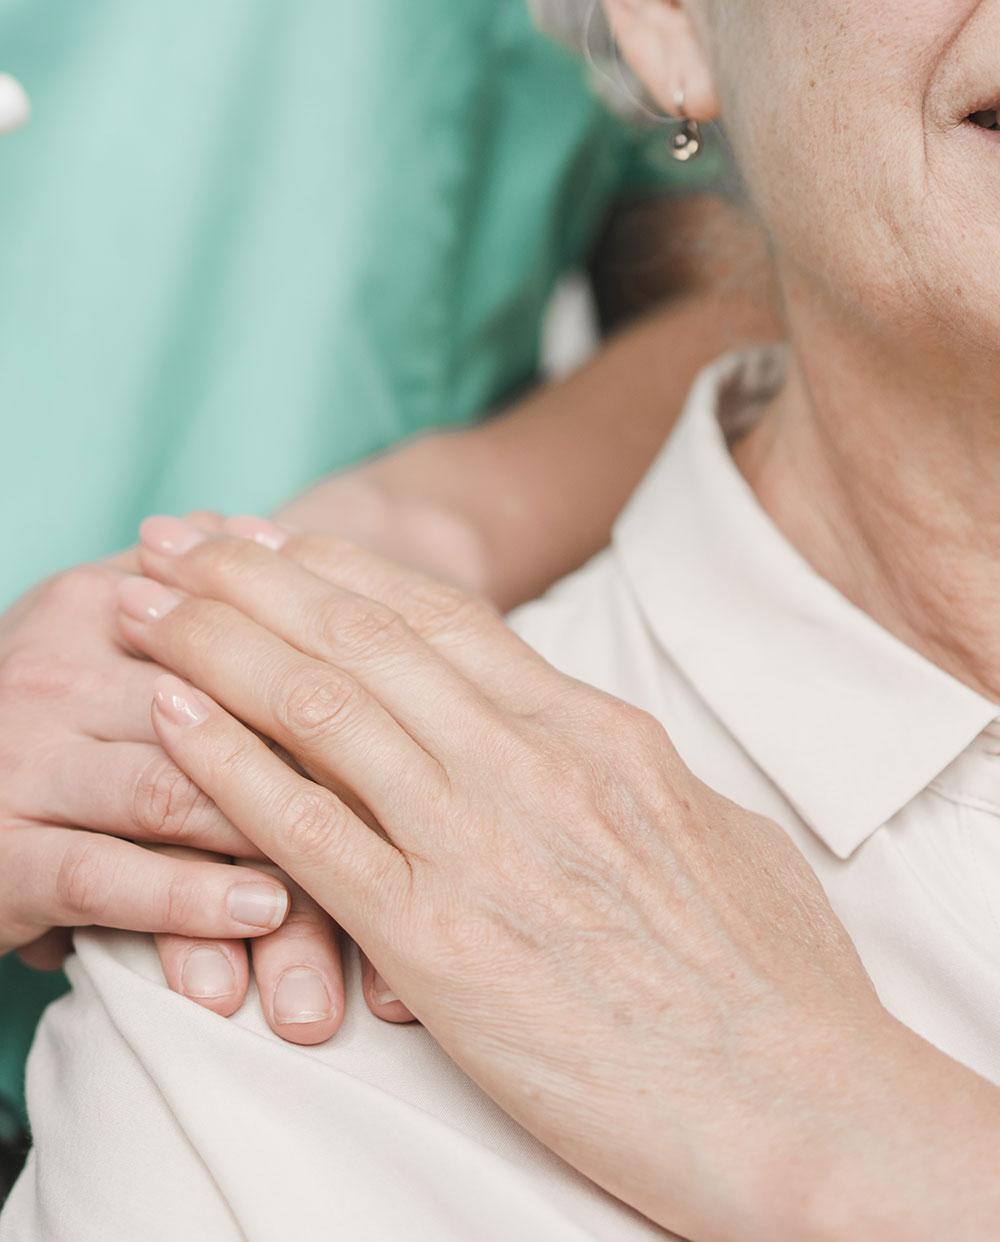 L'ostéoporose, maladie osseuse